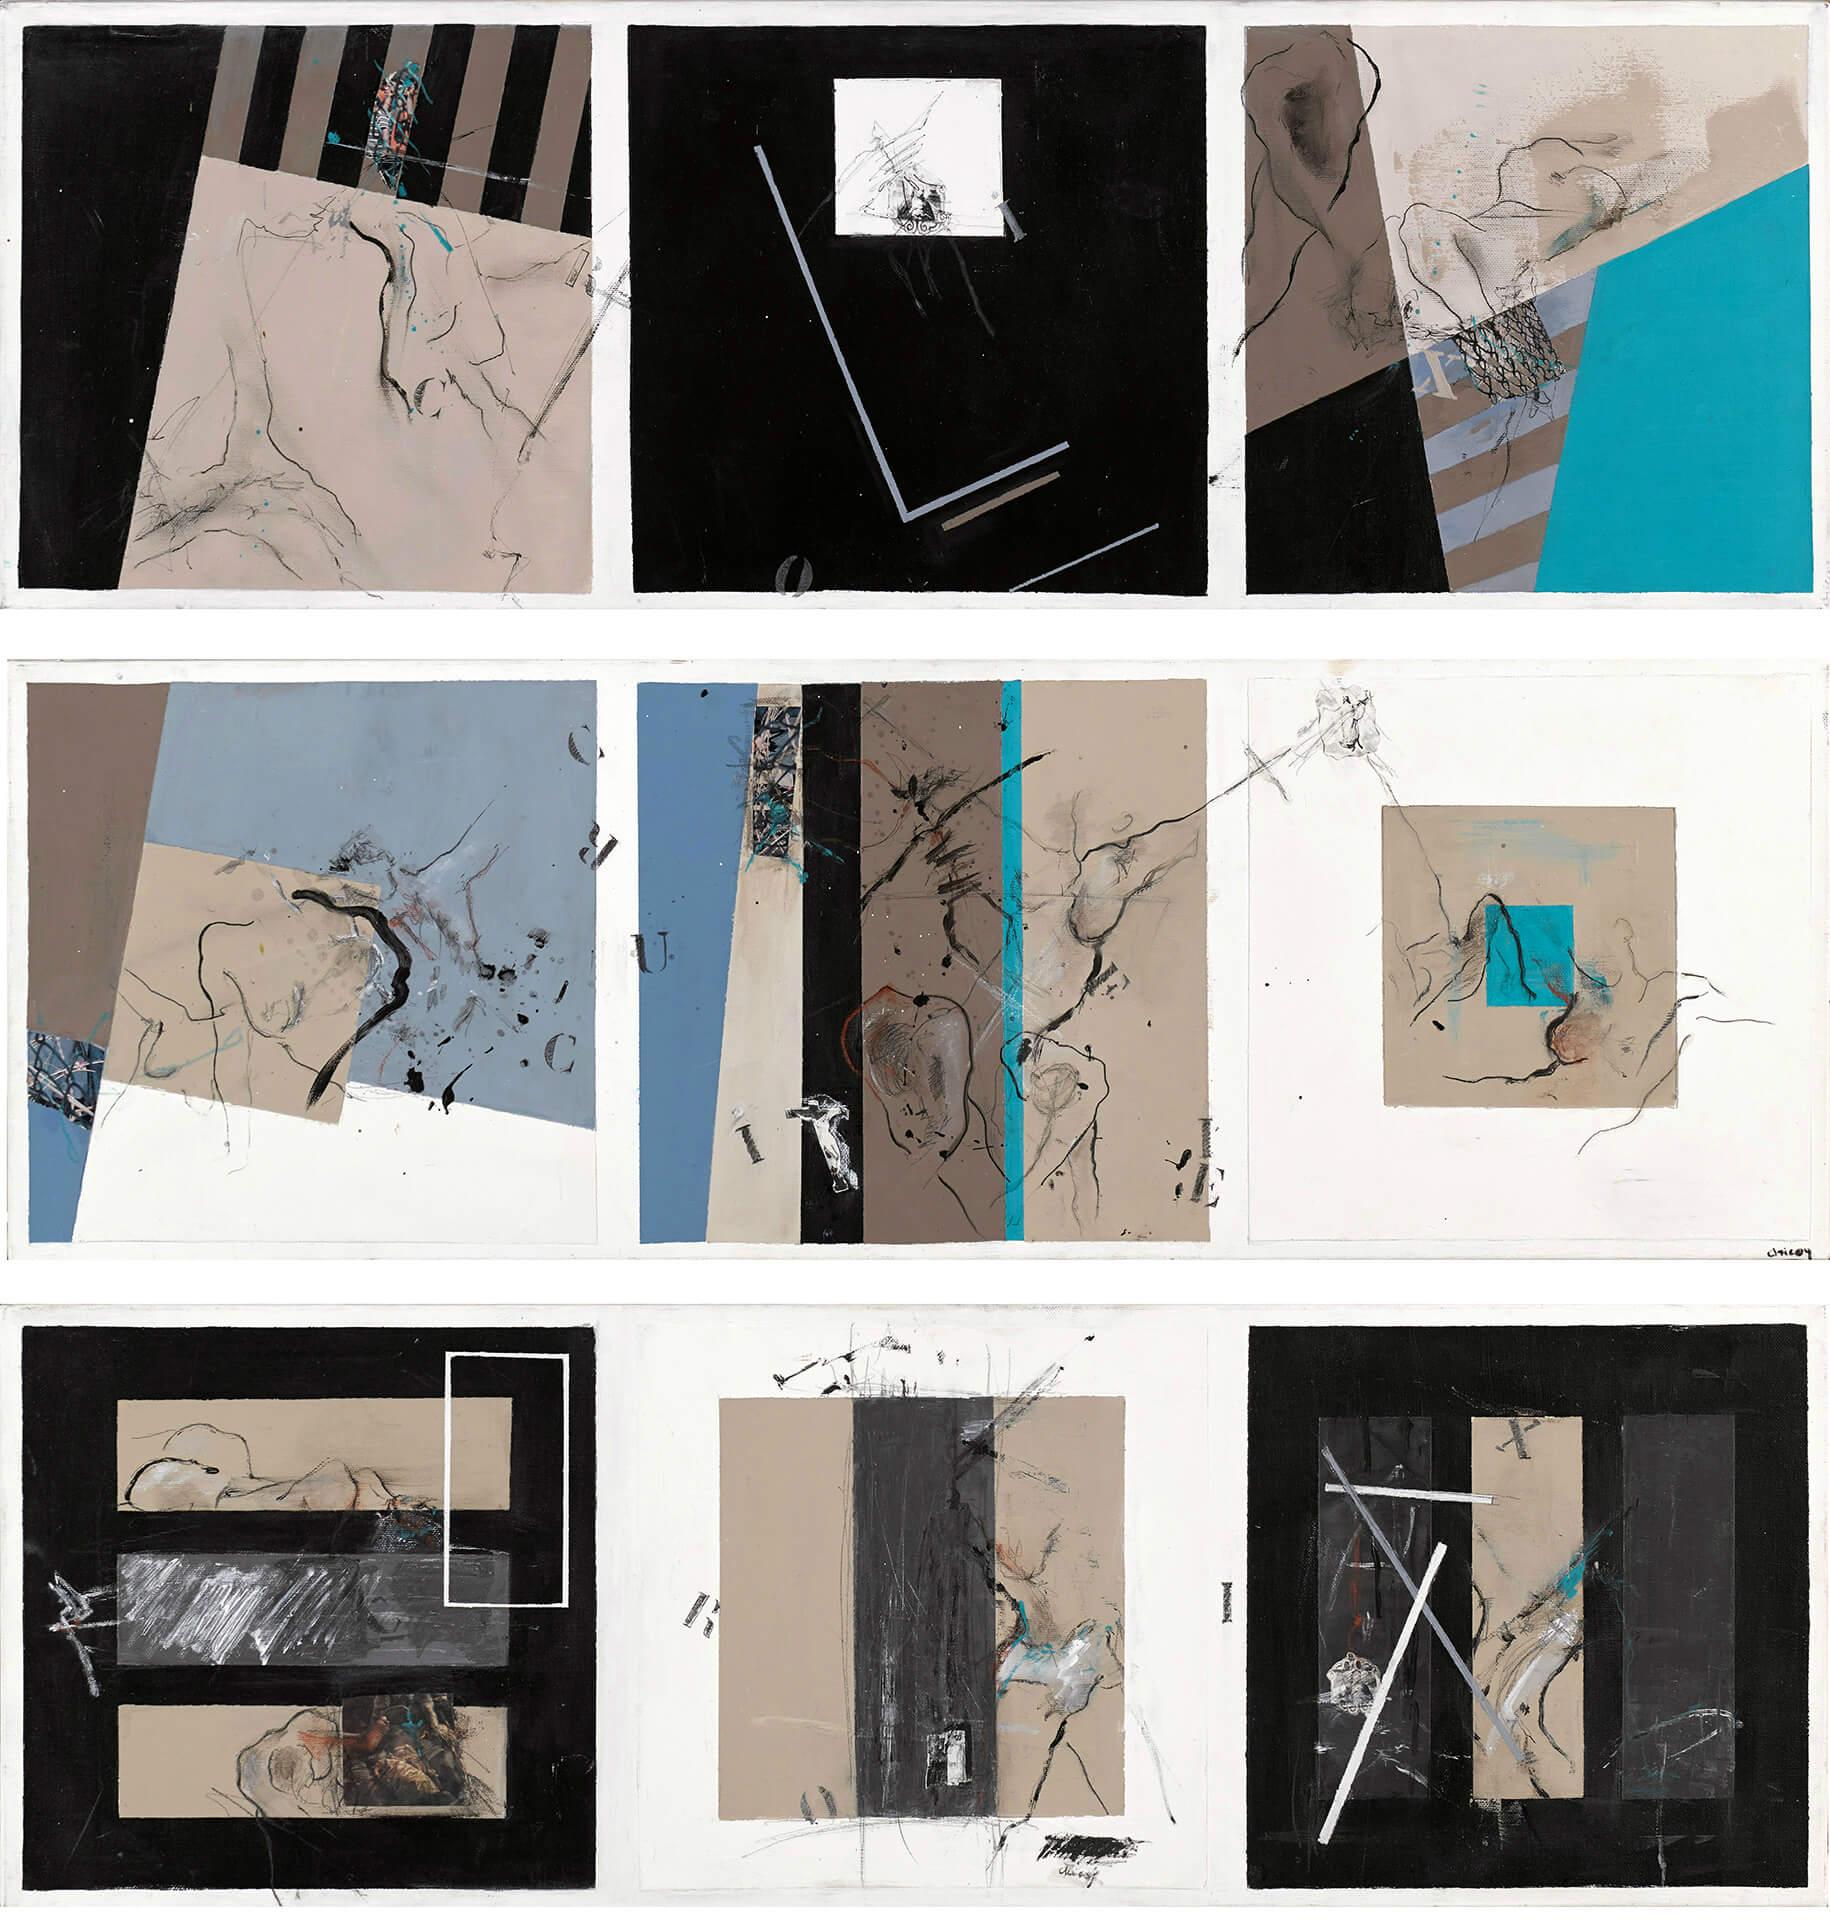 Odile LAYOUS DIT CHICOY - Chemin de croix - Acrylique - Technique mixte - 90 x 30 x 30 cm x 3